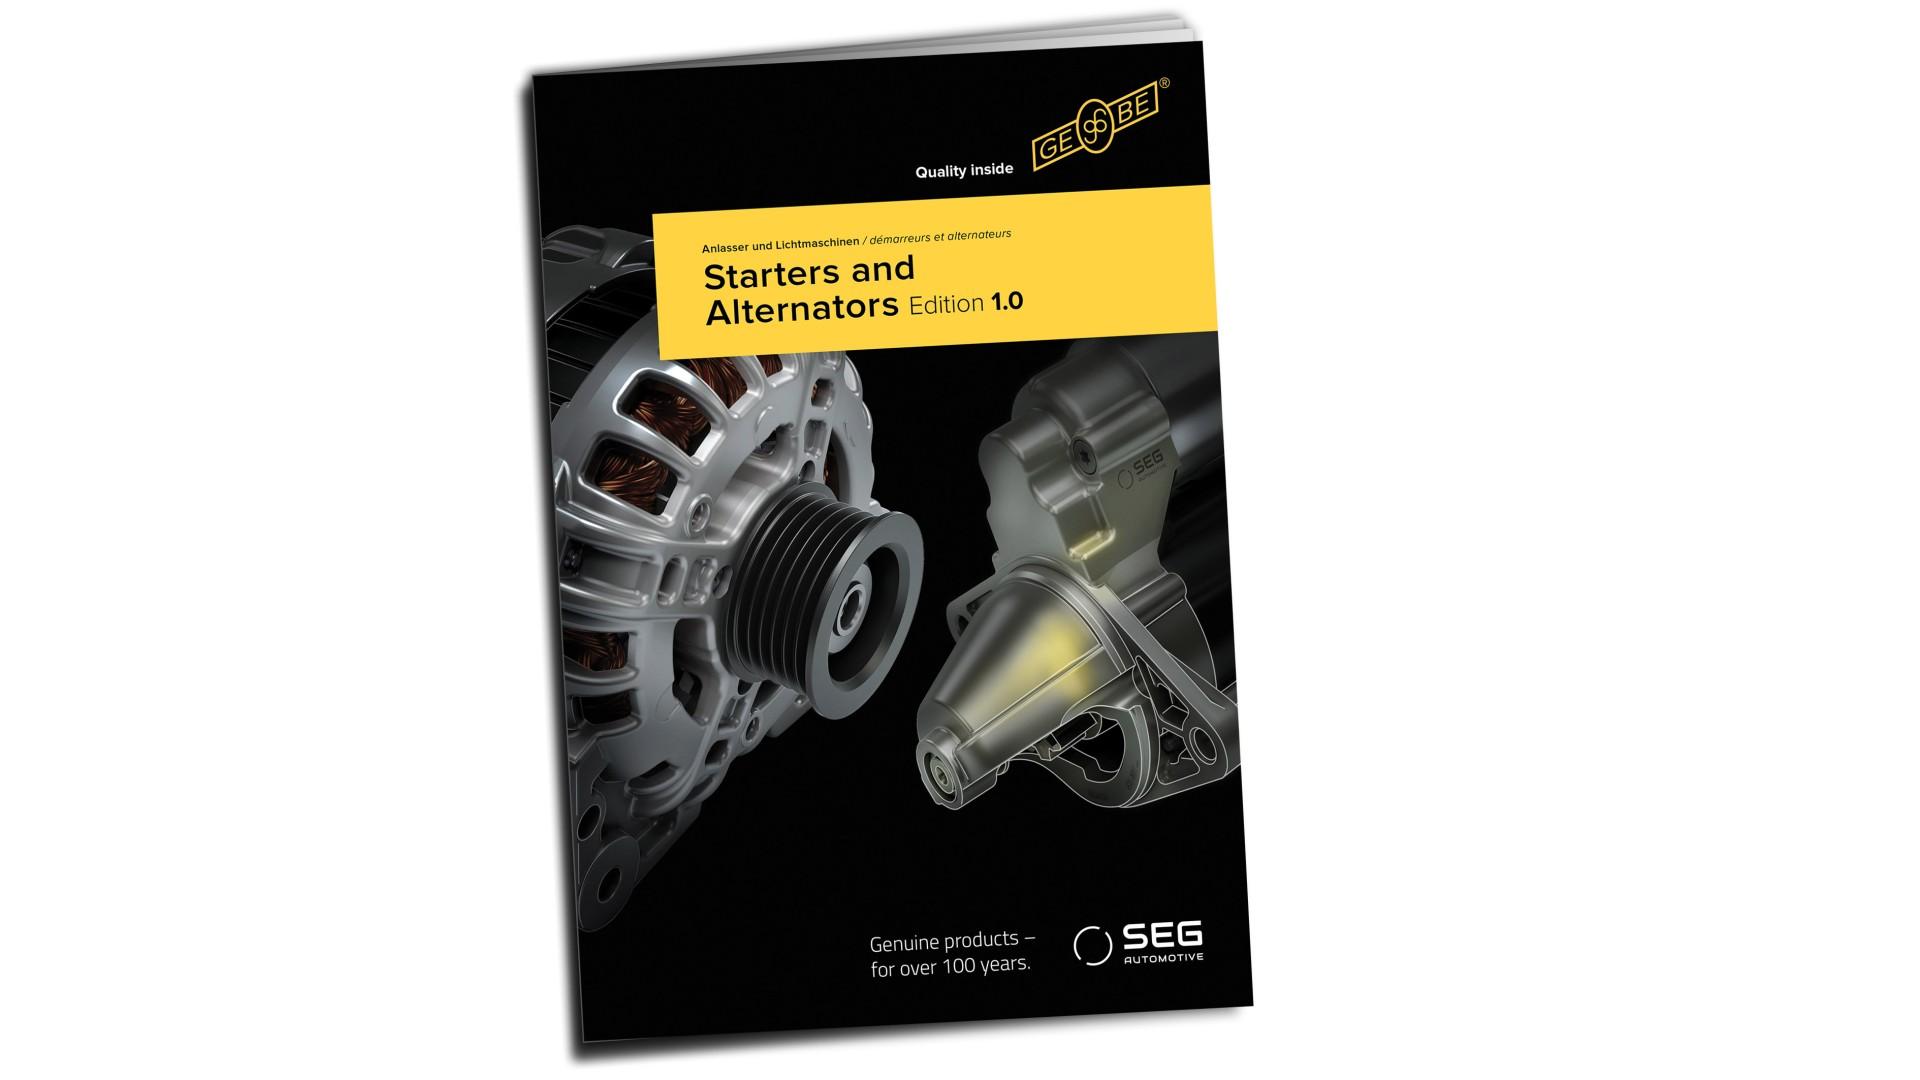 IKA Aftermarket Katalog präsentiert SEG Automotive Produkte